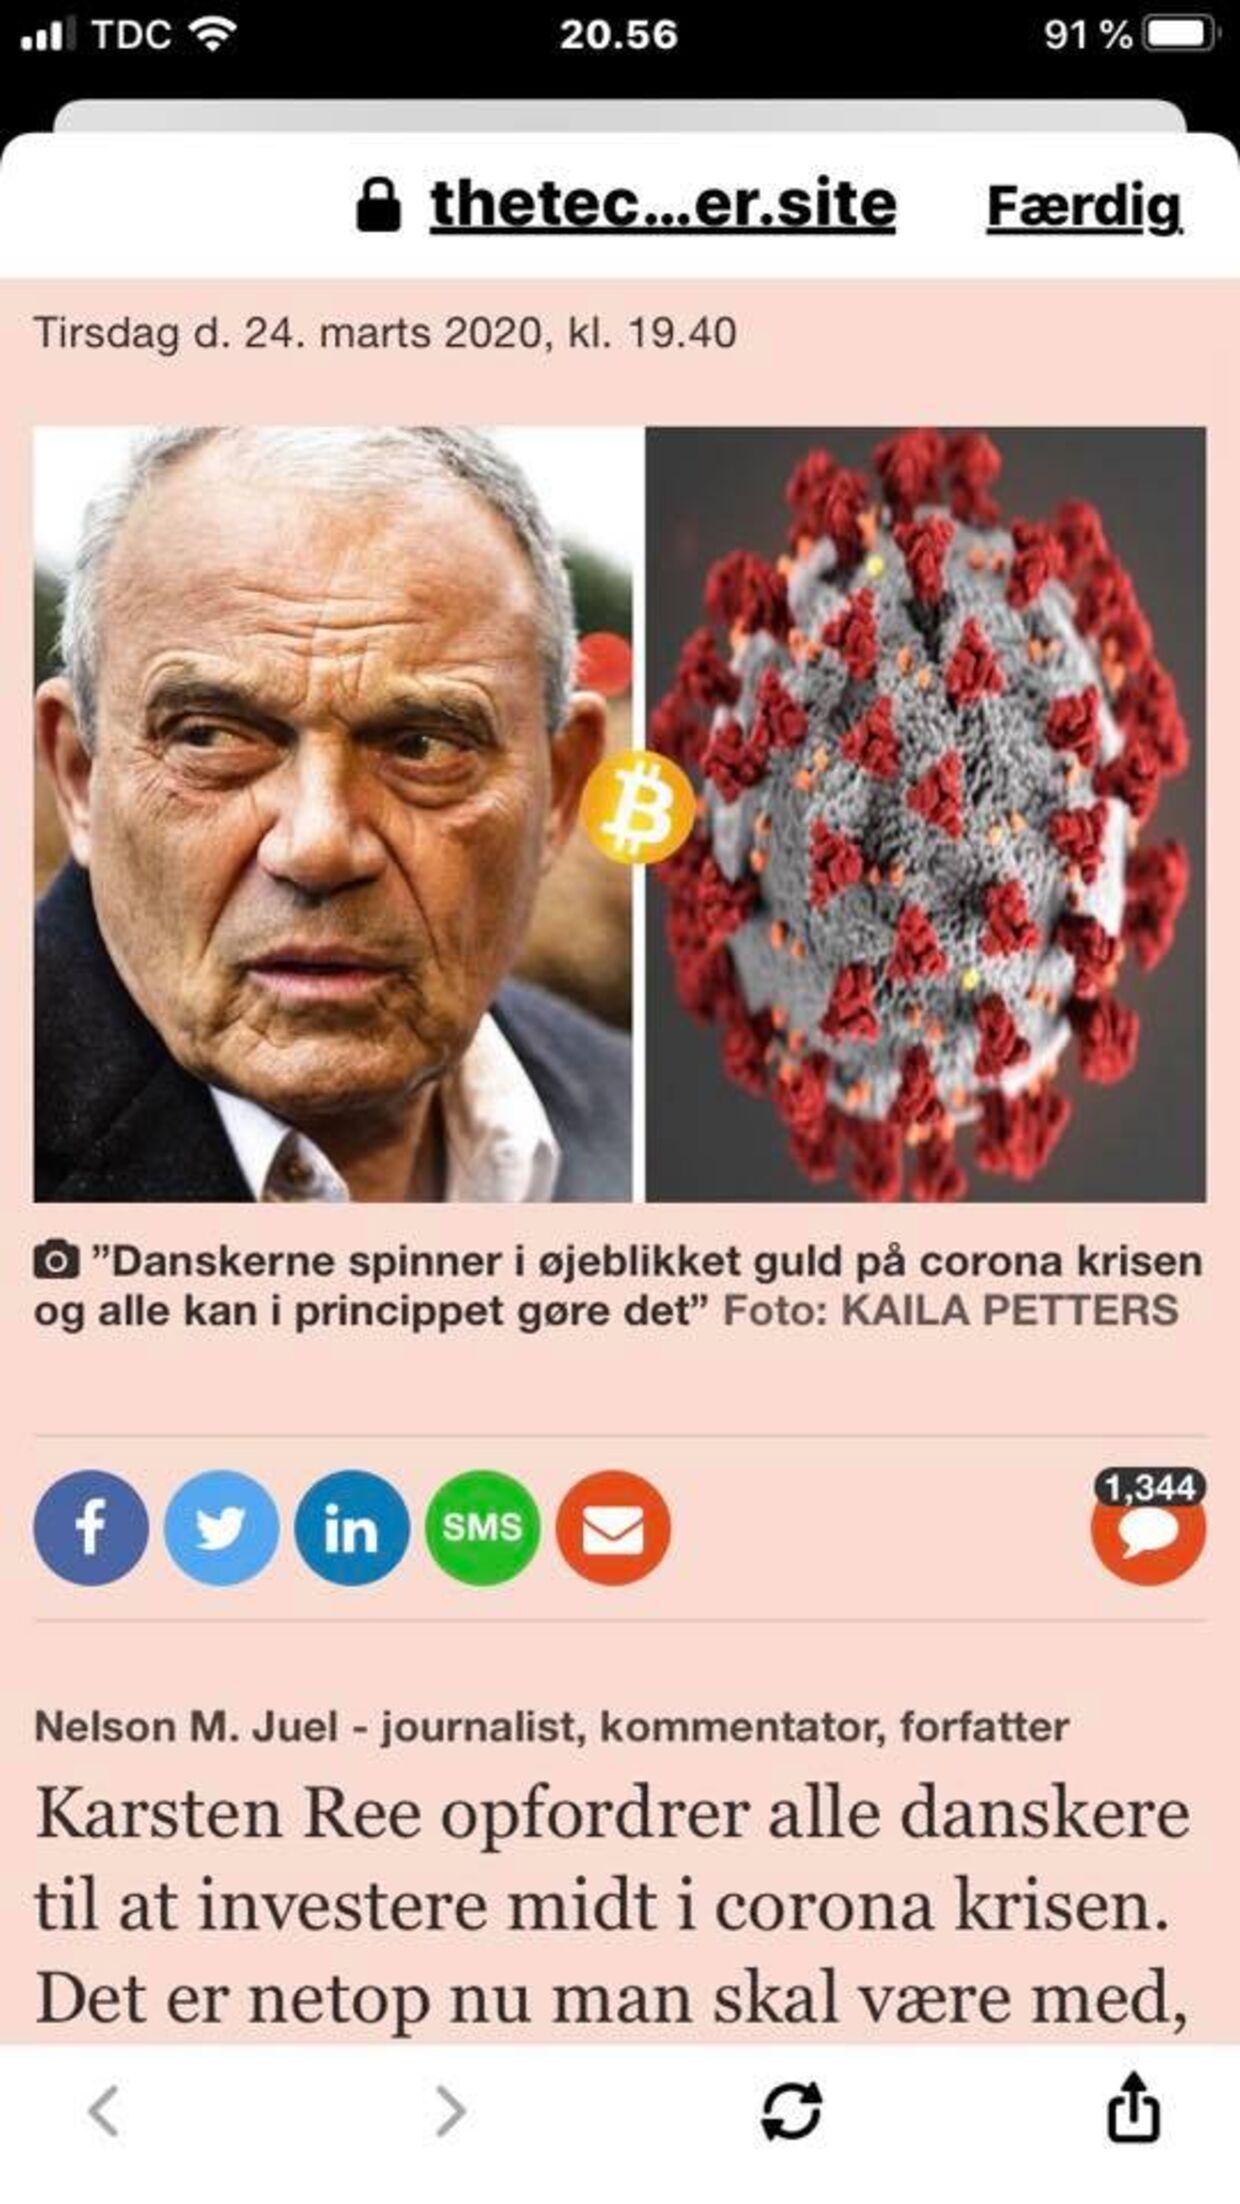 Også den danske rigmand Karsten Ree misbruges til fup og svindel. Bemærk at svindlerne nævner coronakrisen.